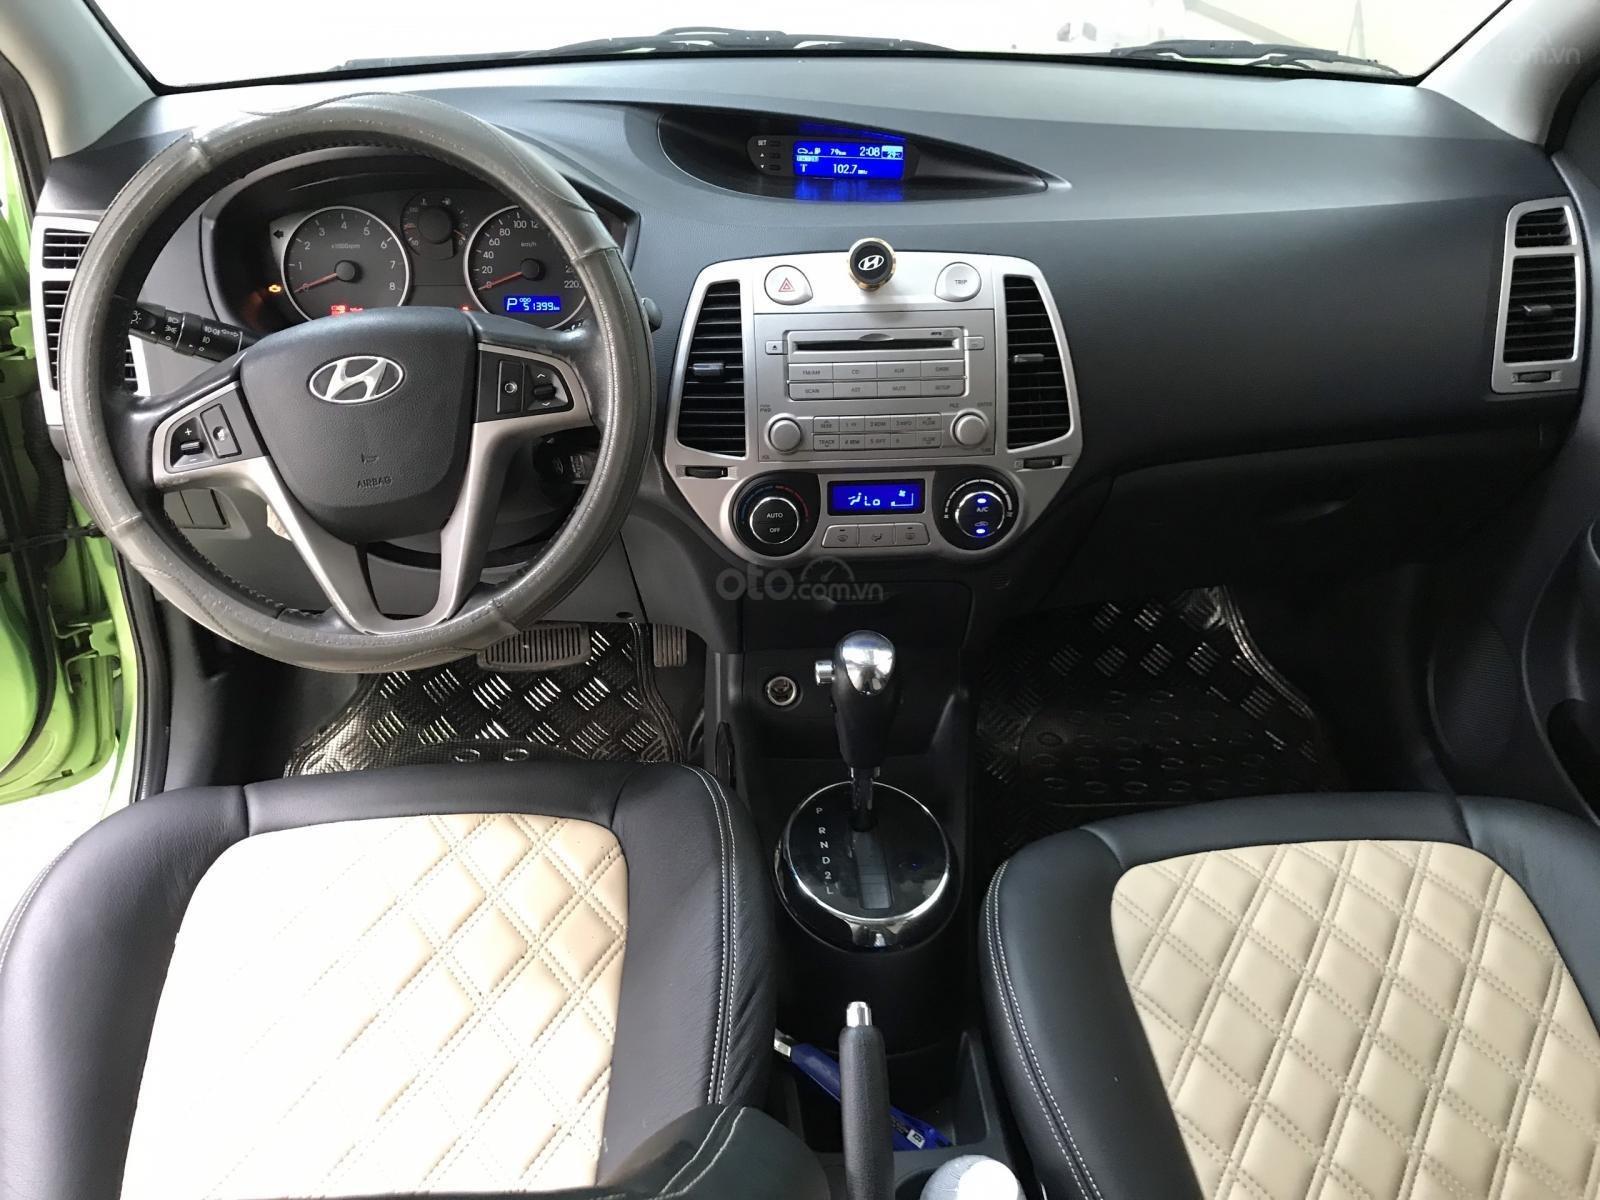 Bán Hyundai I20 1.4AT nhập Ấn Độ 2012, đăng ký 2014 biển Sài Gòn, số tự động 5 cửa (10)